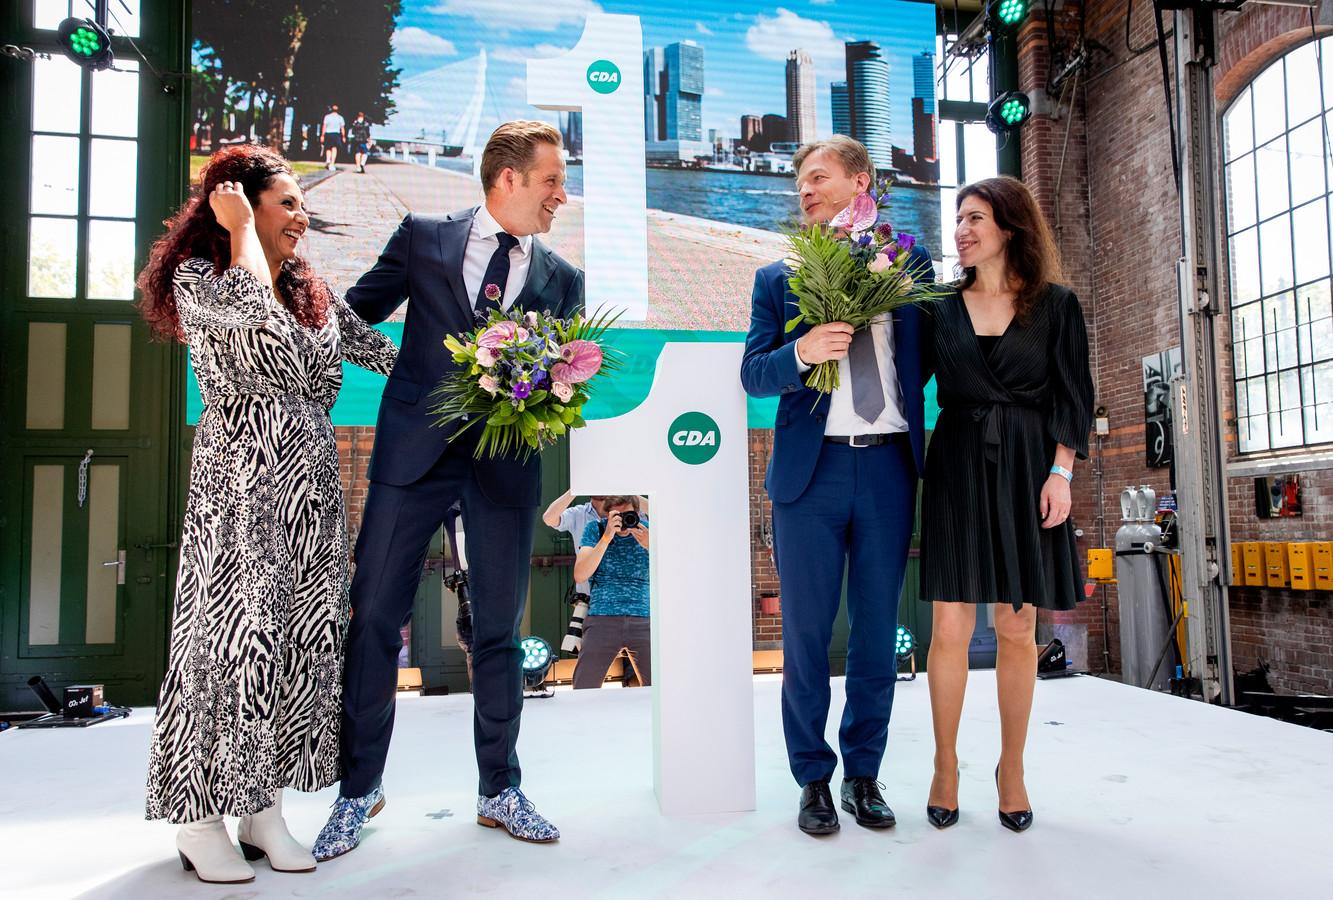 Minister Hugo de Jonge en Kamerlid Pieter Omtzigt en hun partners tijdens de bekendmaking van de stemronde om het lijsttrekkerschap.